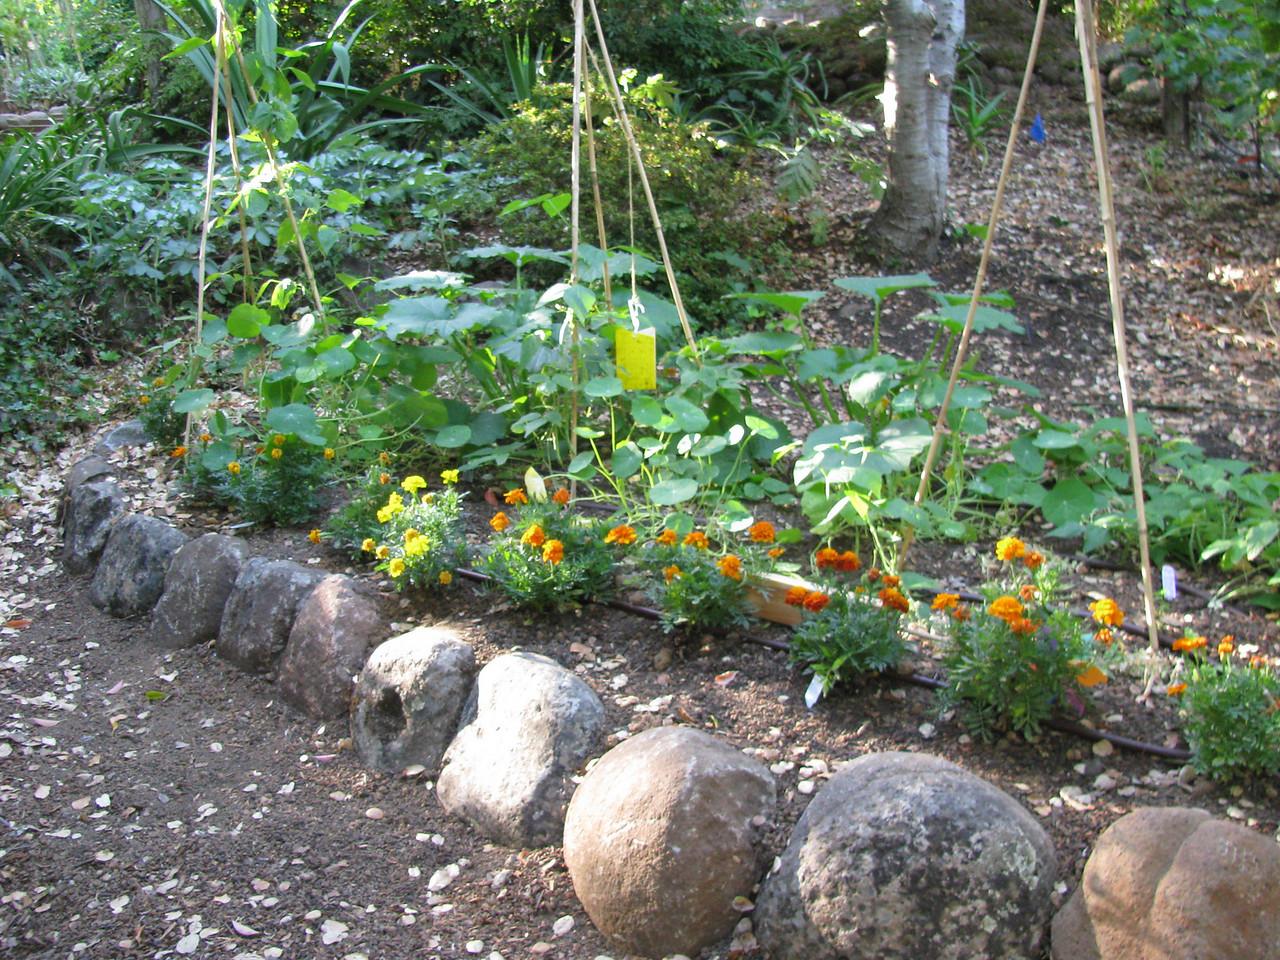 Beans, squash, marigolds, and nasturtium.